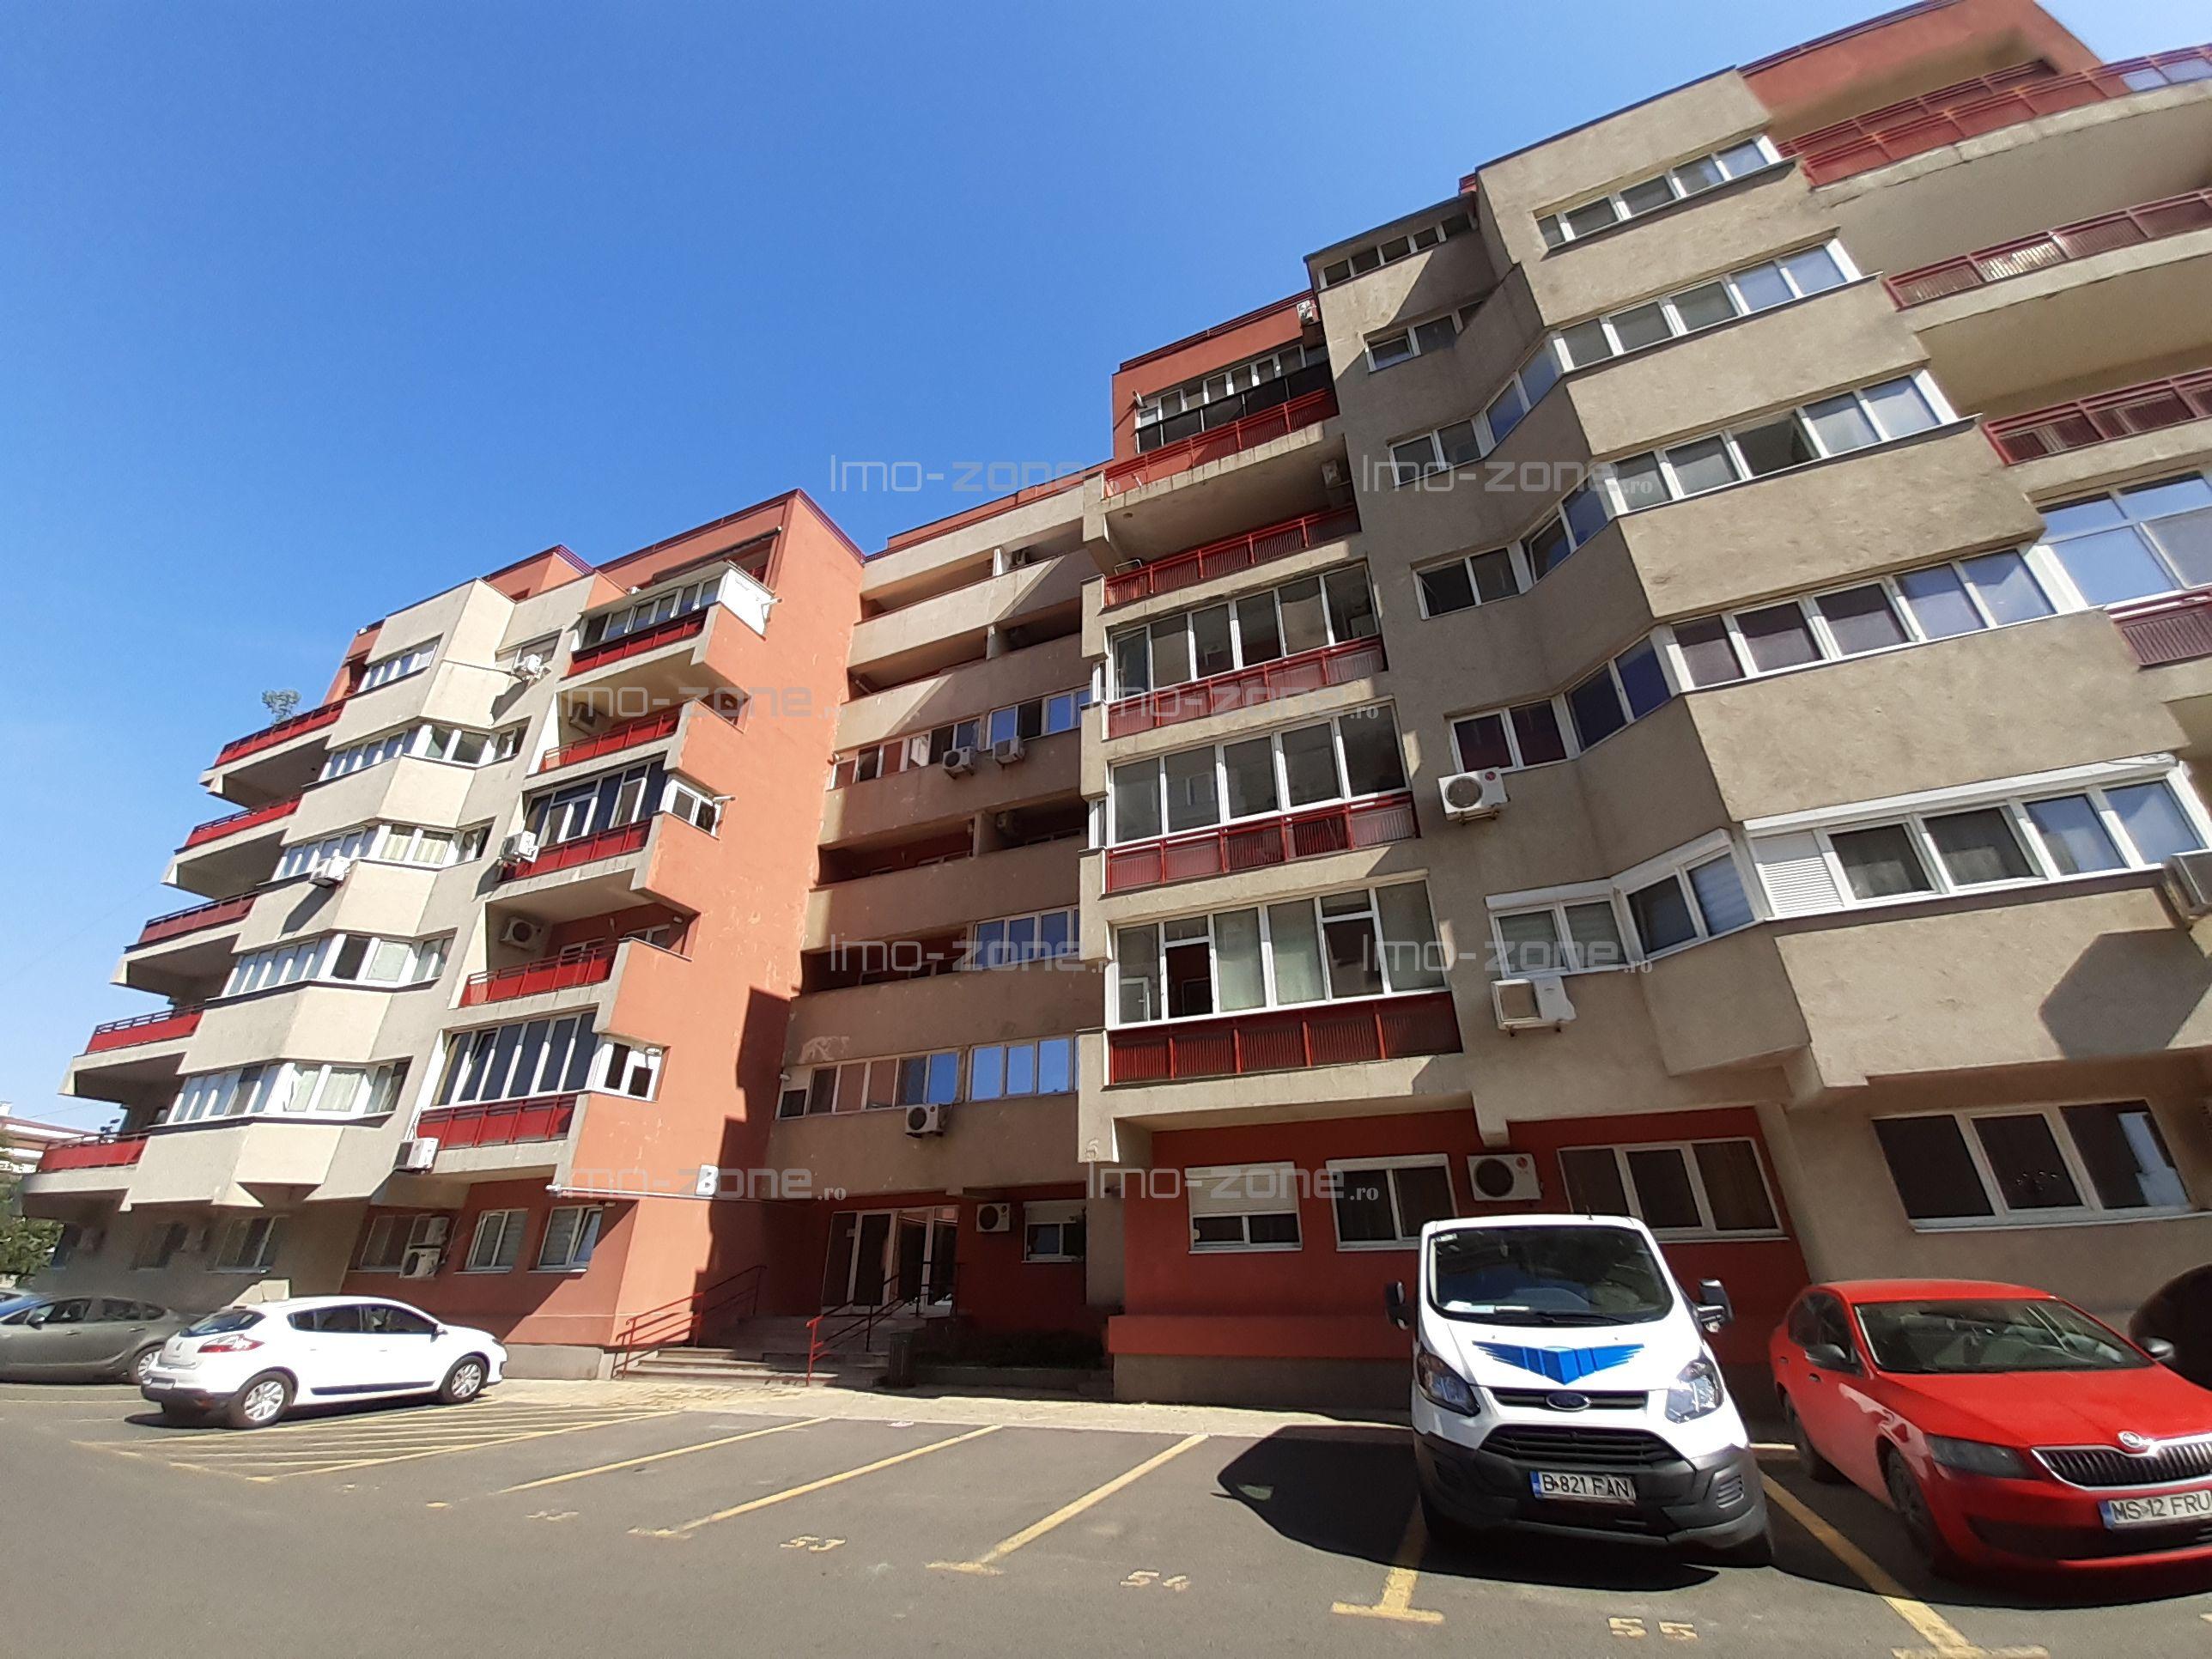 3 camere + 2 parcari subterane, Drumul Taberei, Primavara, 93 mp utili, mobilat